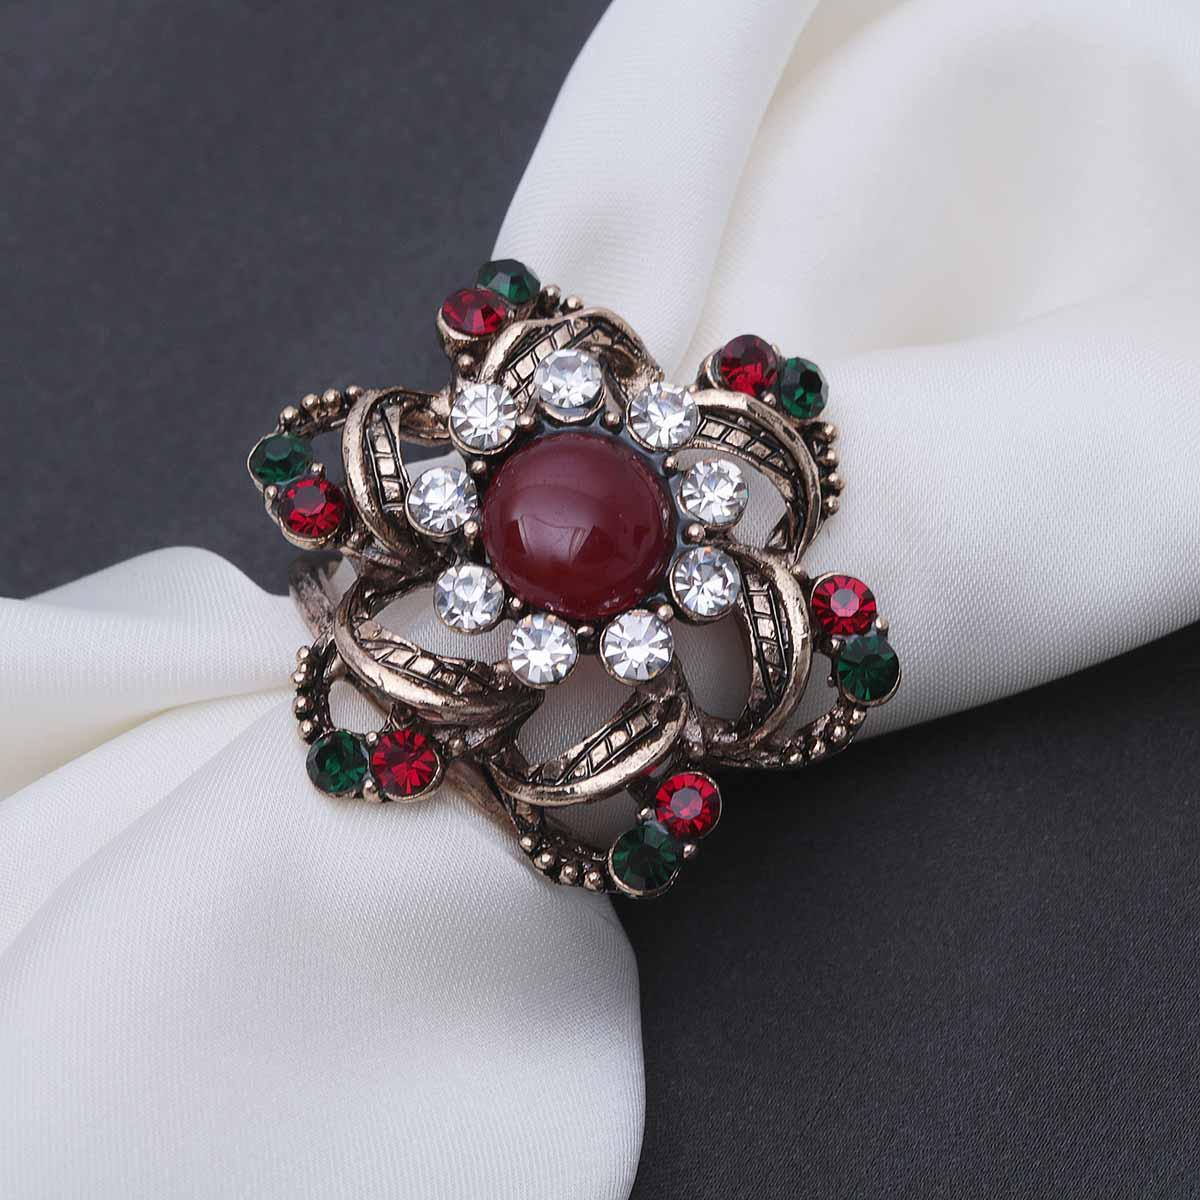 2522029 Кольцо для платка 'Цветок рубиновый', разноцветное в золоте